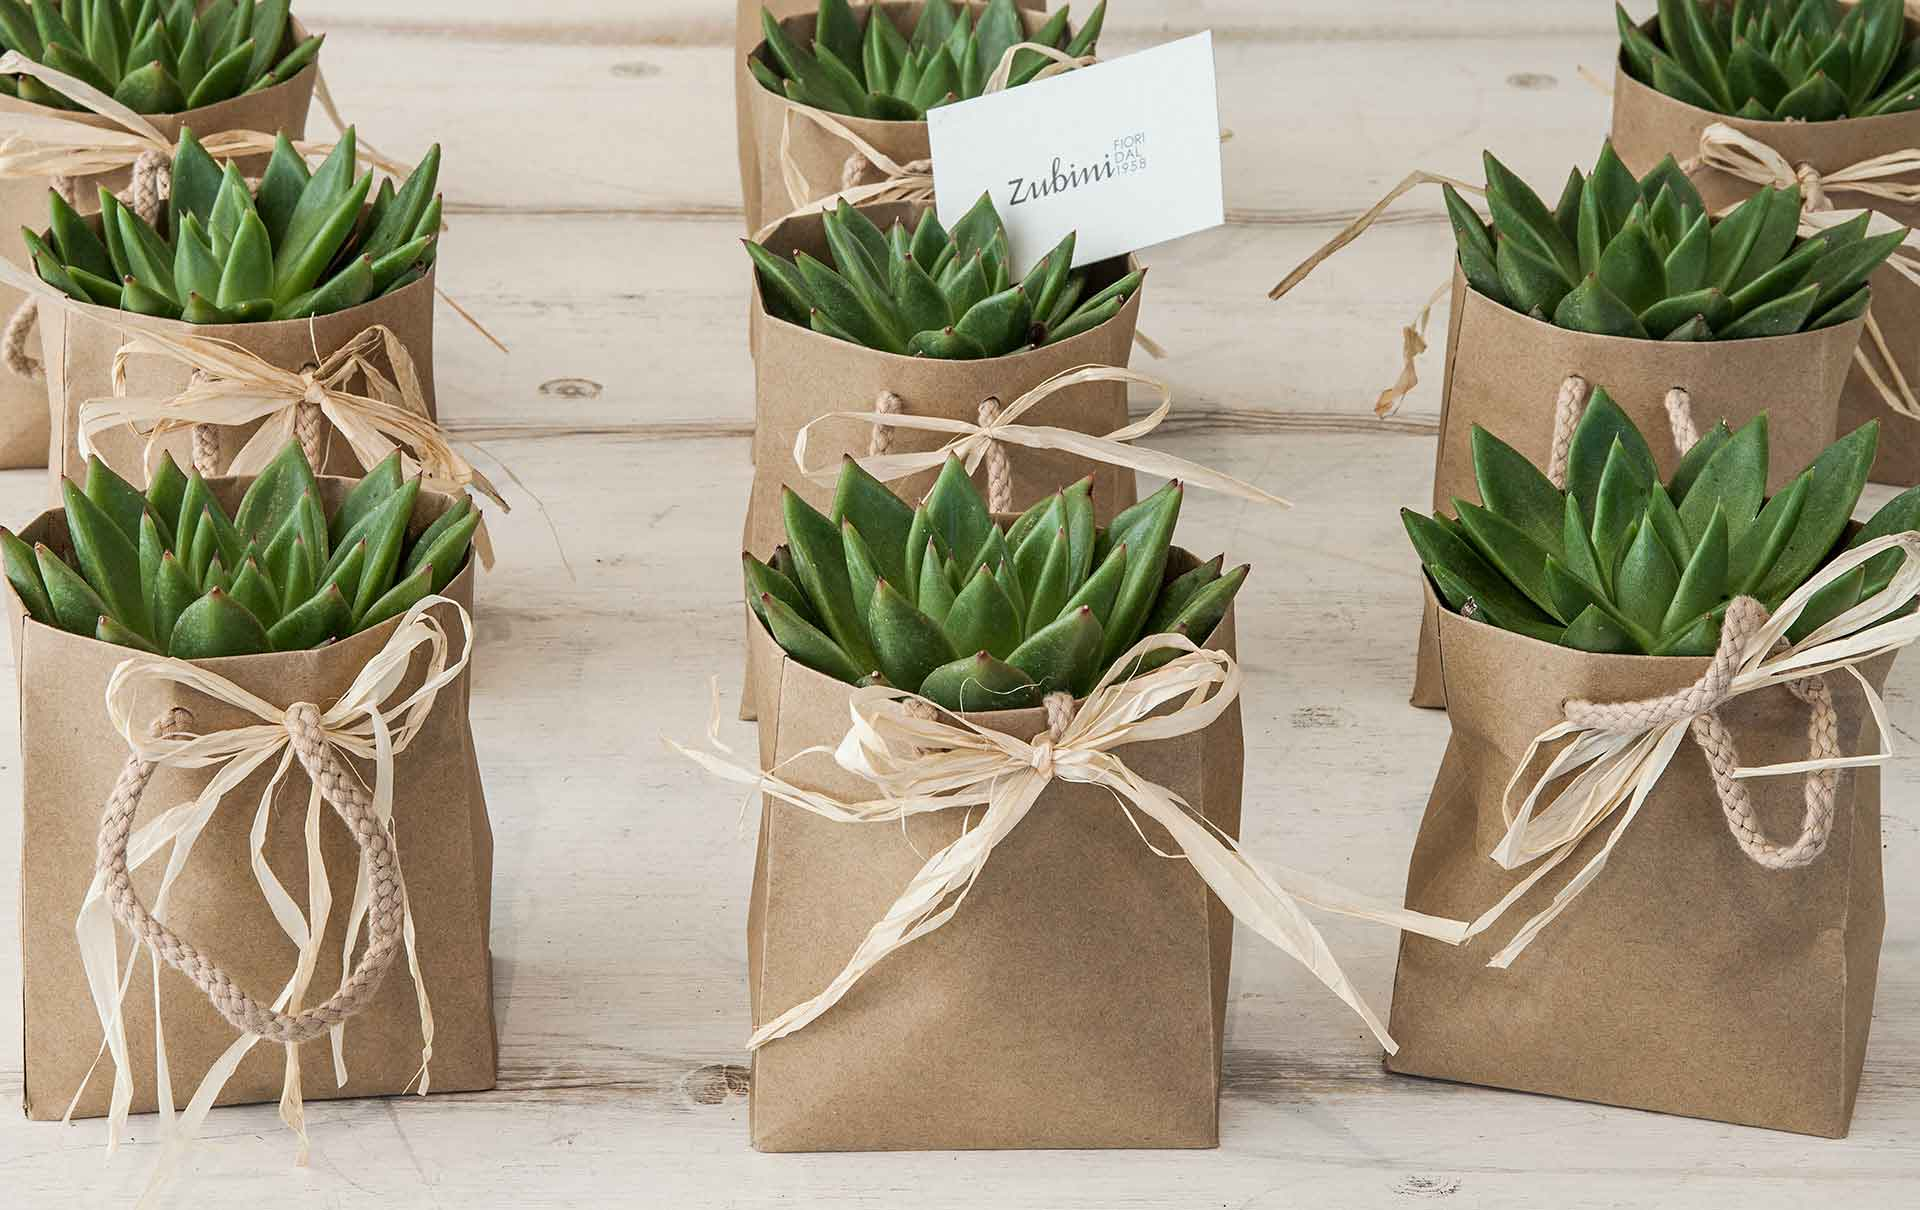 Piante grasse zubini - Piante da interno con fiori ...